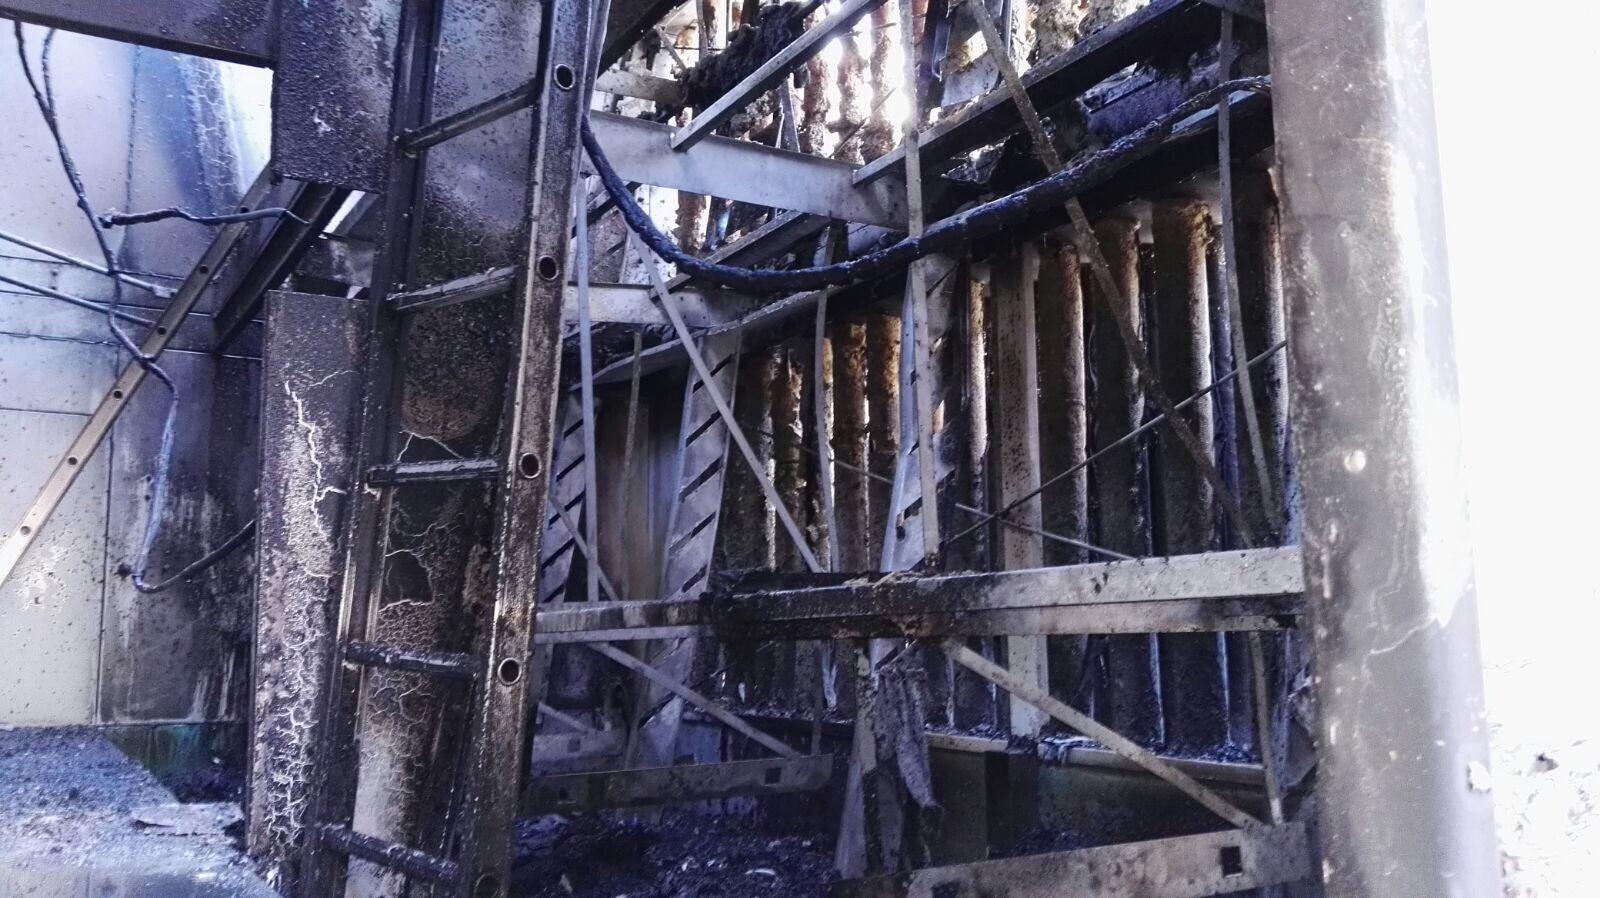 De uitgebrande koeltoren. Foto: Tim van Ham